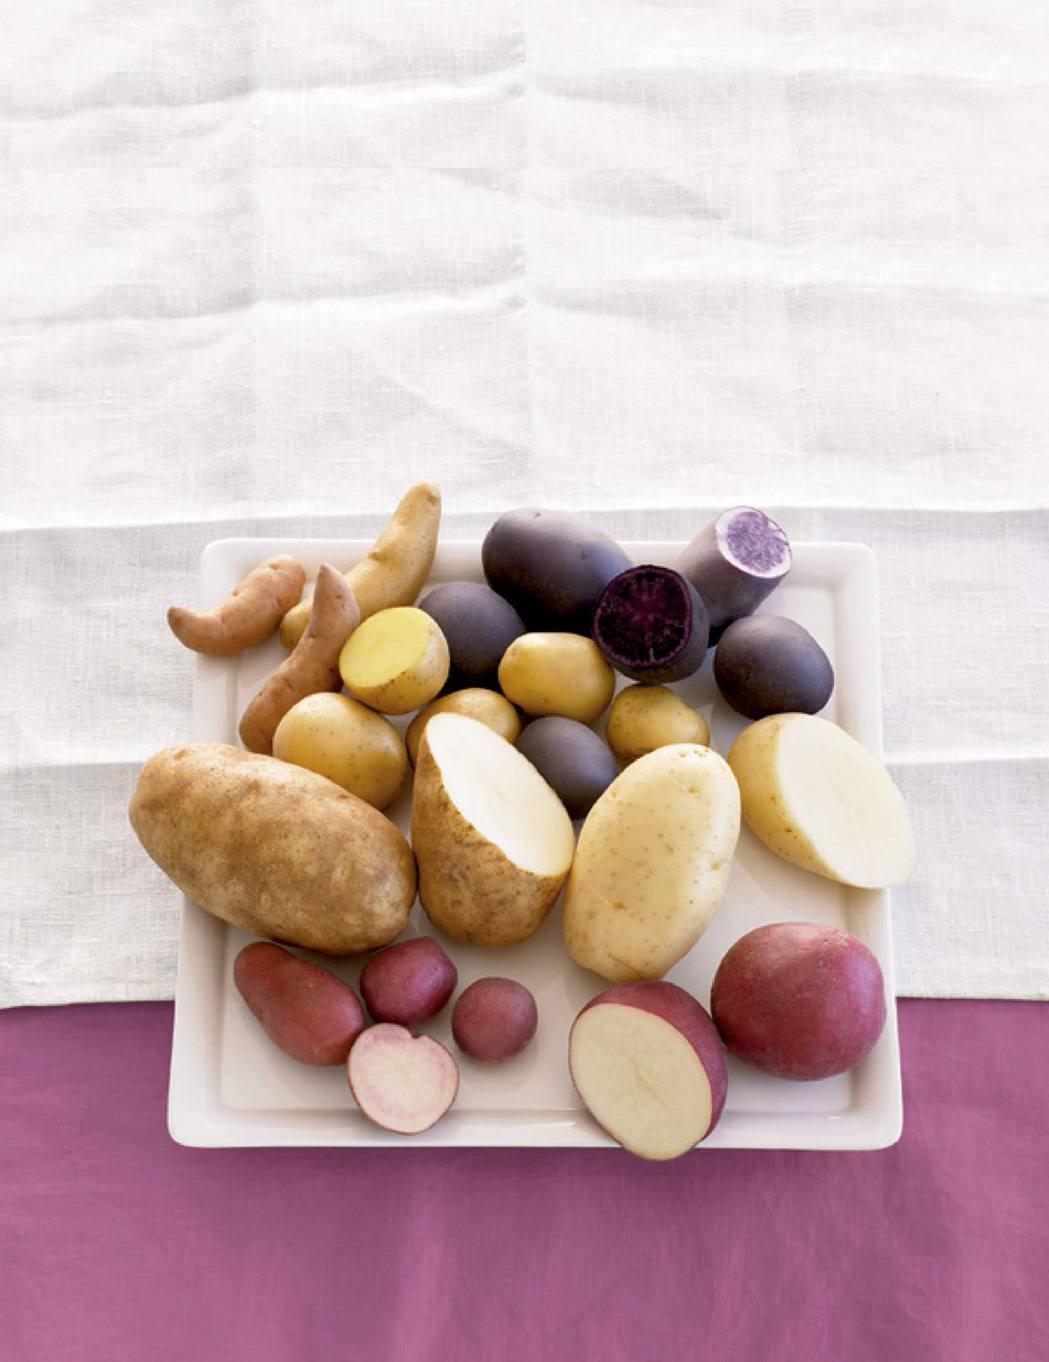 營養師表示,攝取碳水化合物但要怕胖,馬鈴薯是非常好的選擇。馬國馬鈴薯/提供